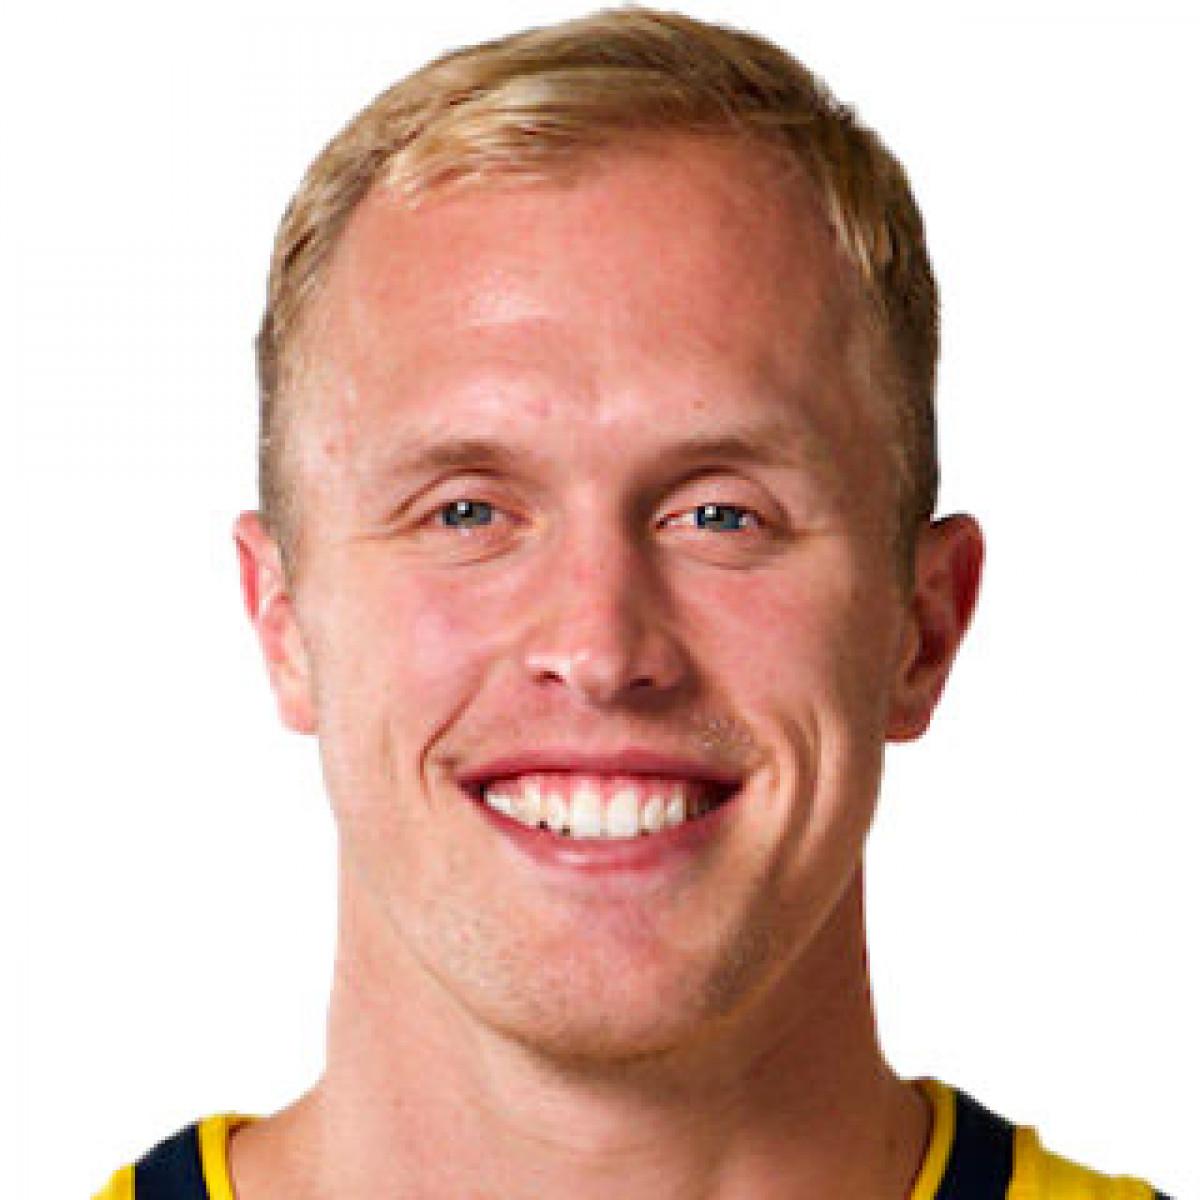 Lucas Sikma